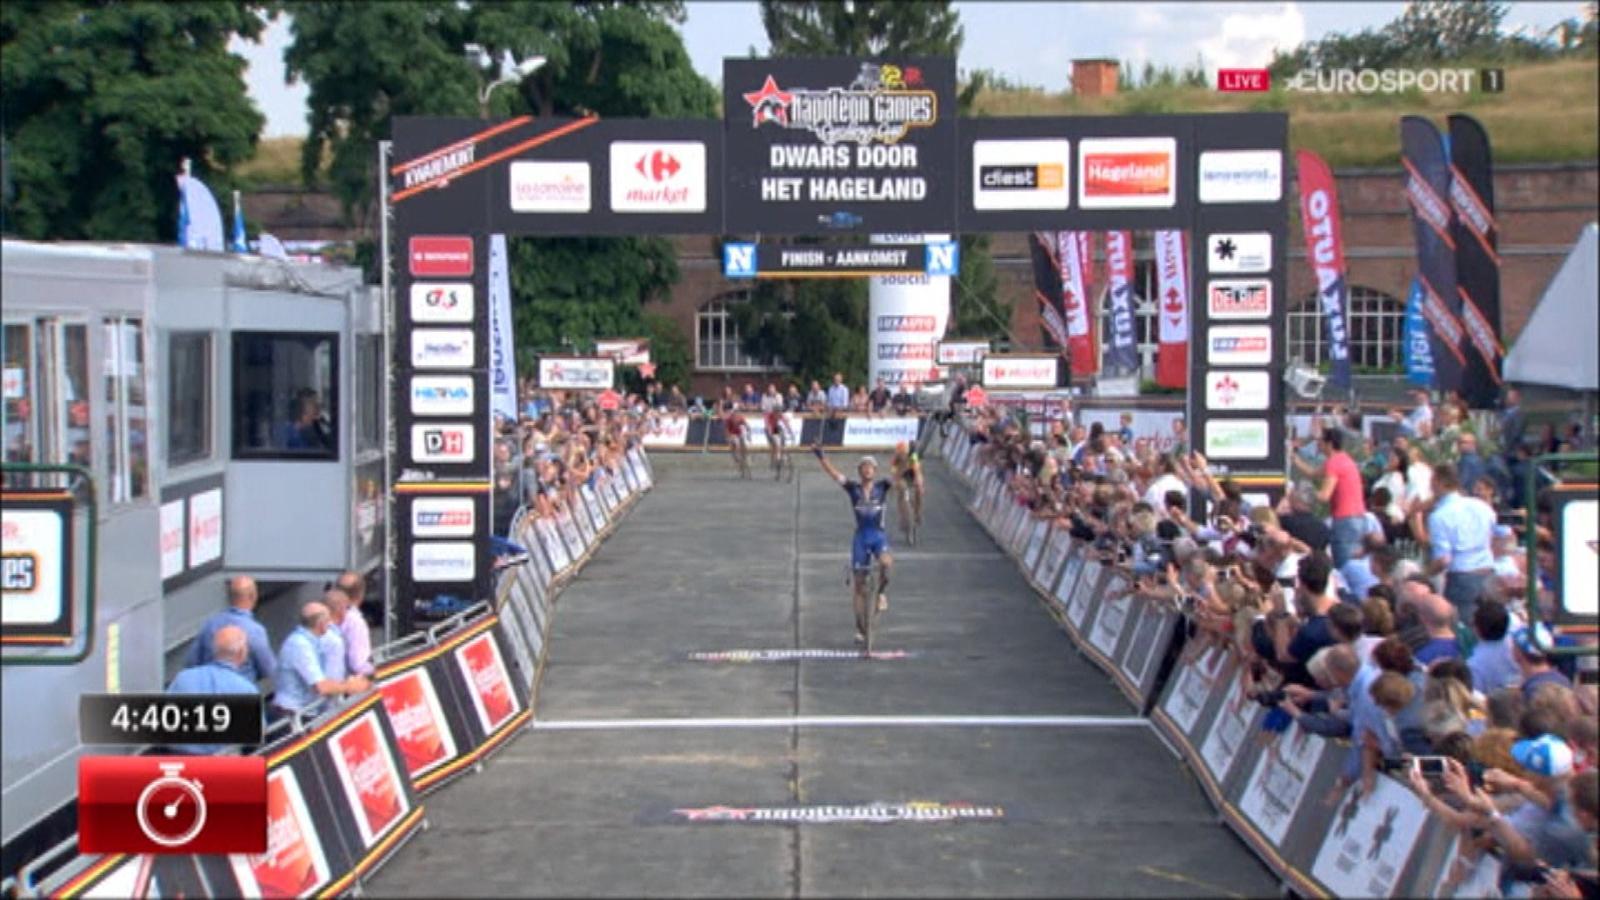 Video Terpstra Wins Dwars Door Het Hageland Dwars Door Het Hageland Video Eurosport Uk